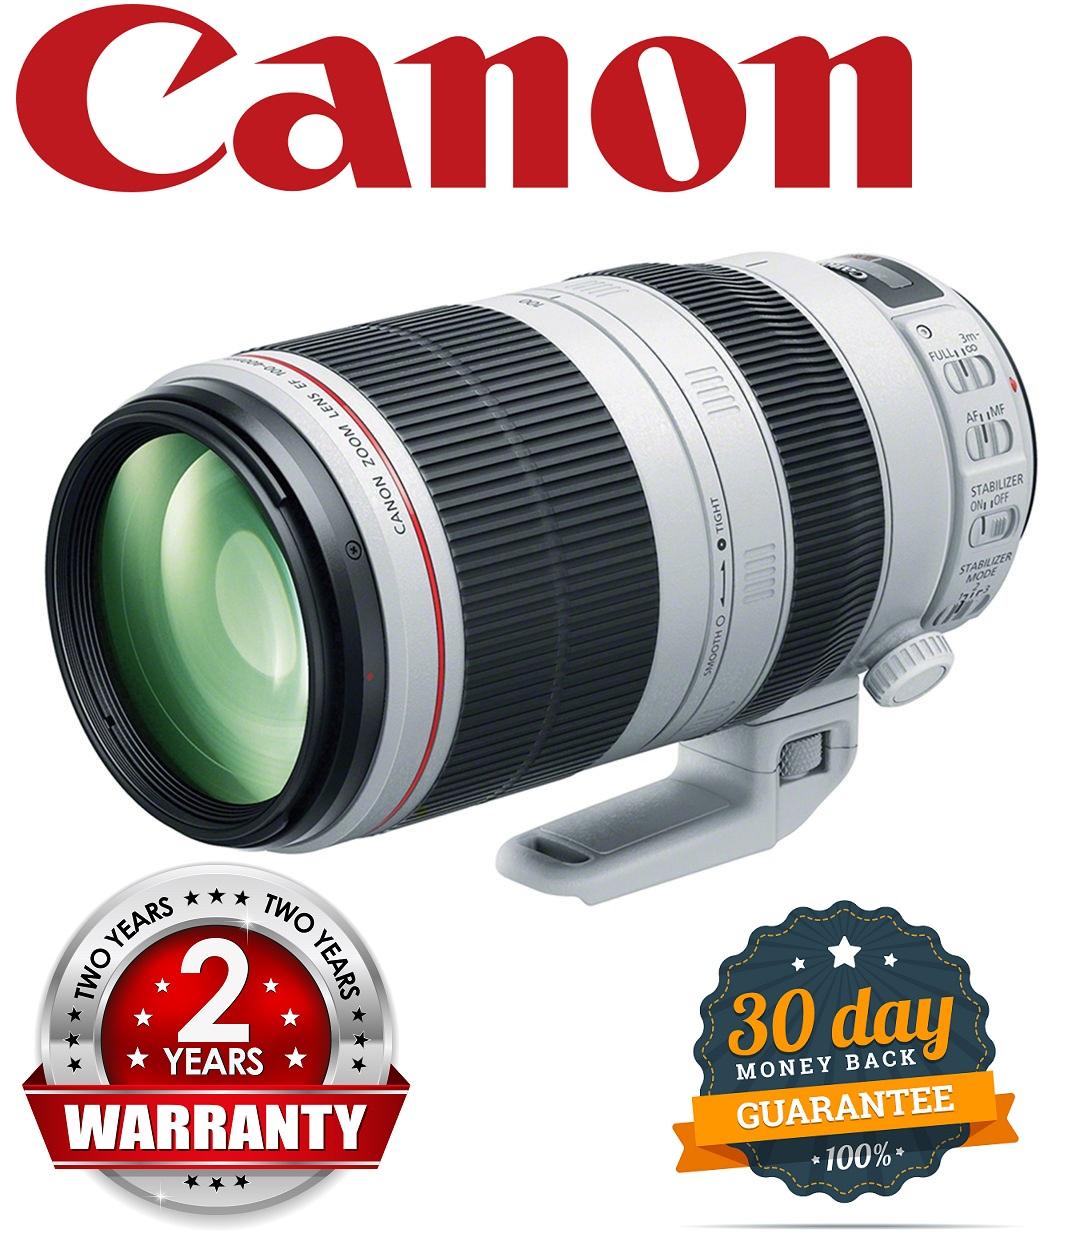 EW-78E Plastic Mount Lens Hood for Canon EW-73D EF-S 18-135mm f3.5-5.6 is USM Lenses Acouto Black Camera Lens Hoods